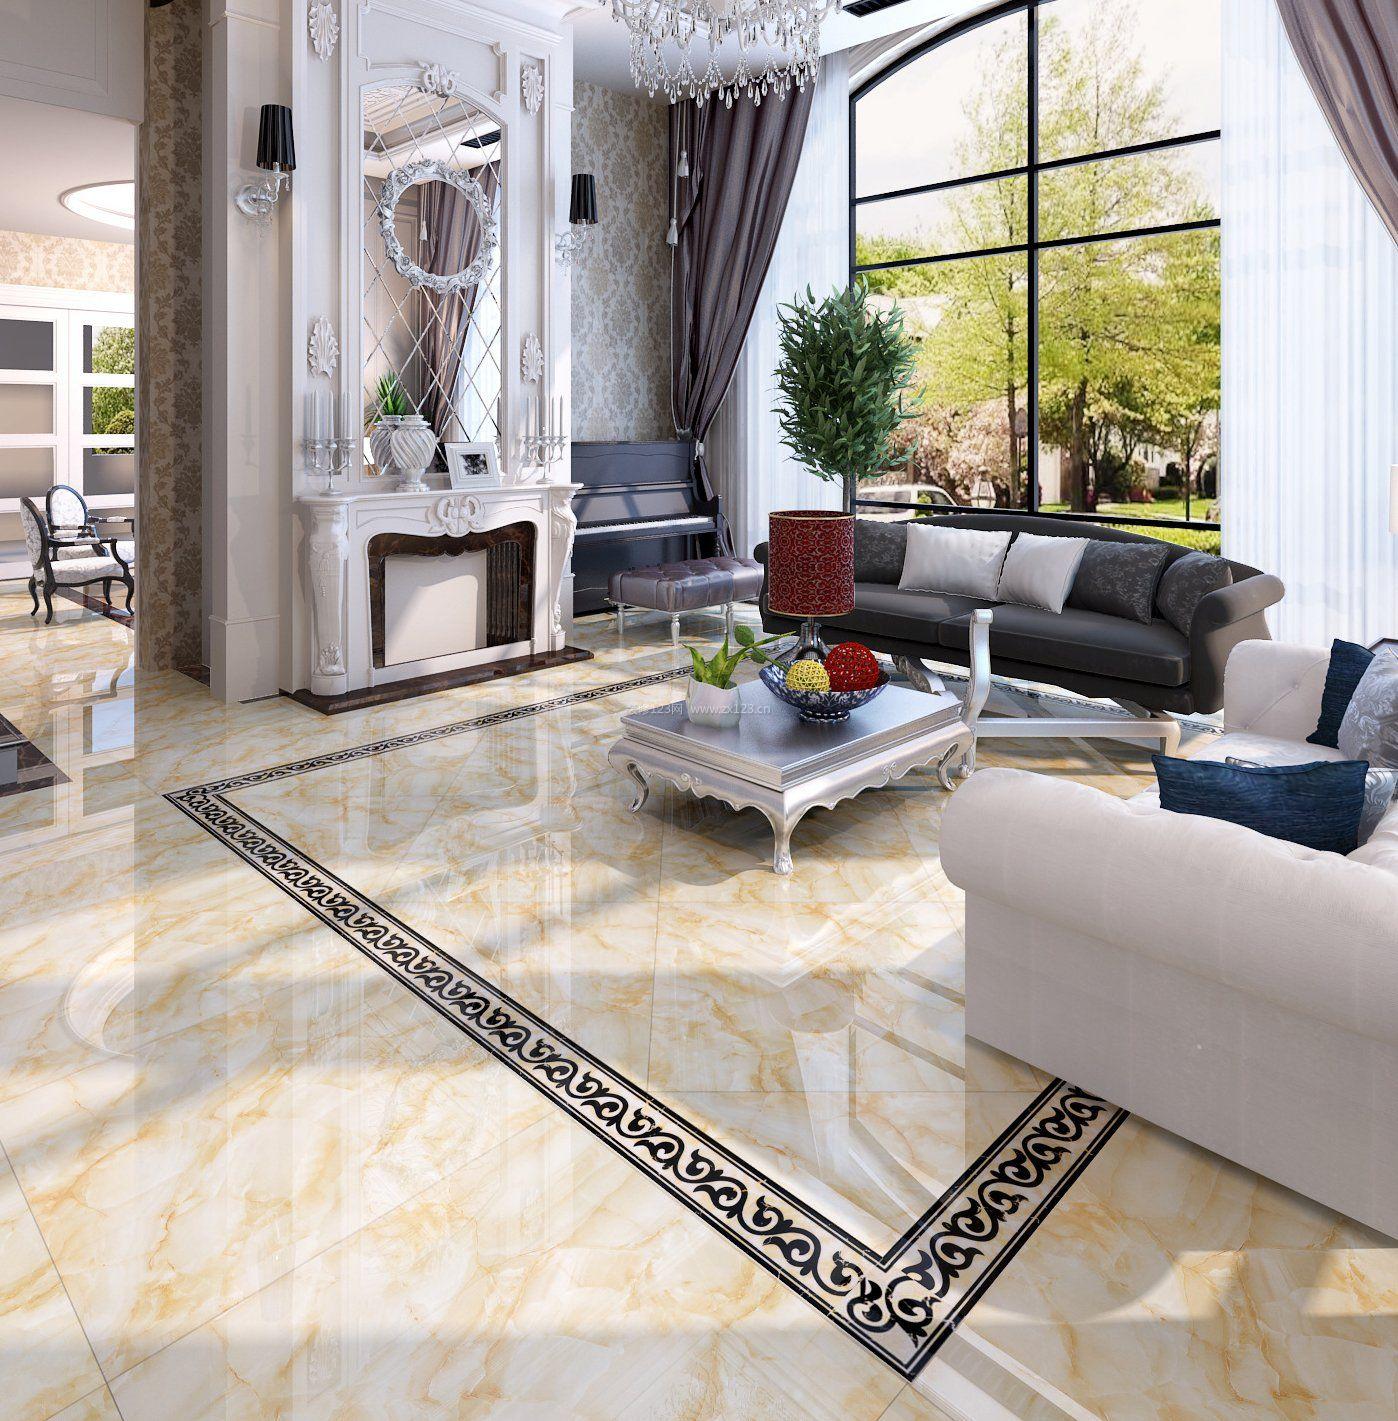 家居客厅地面瓷砖装修效果图欣赏